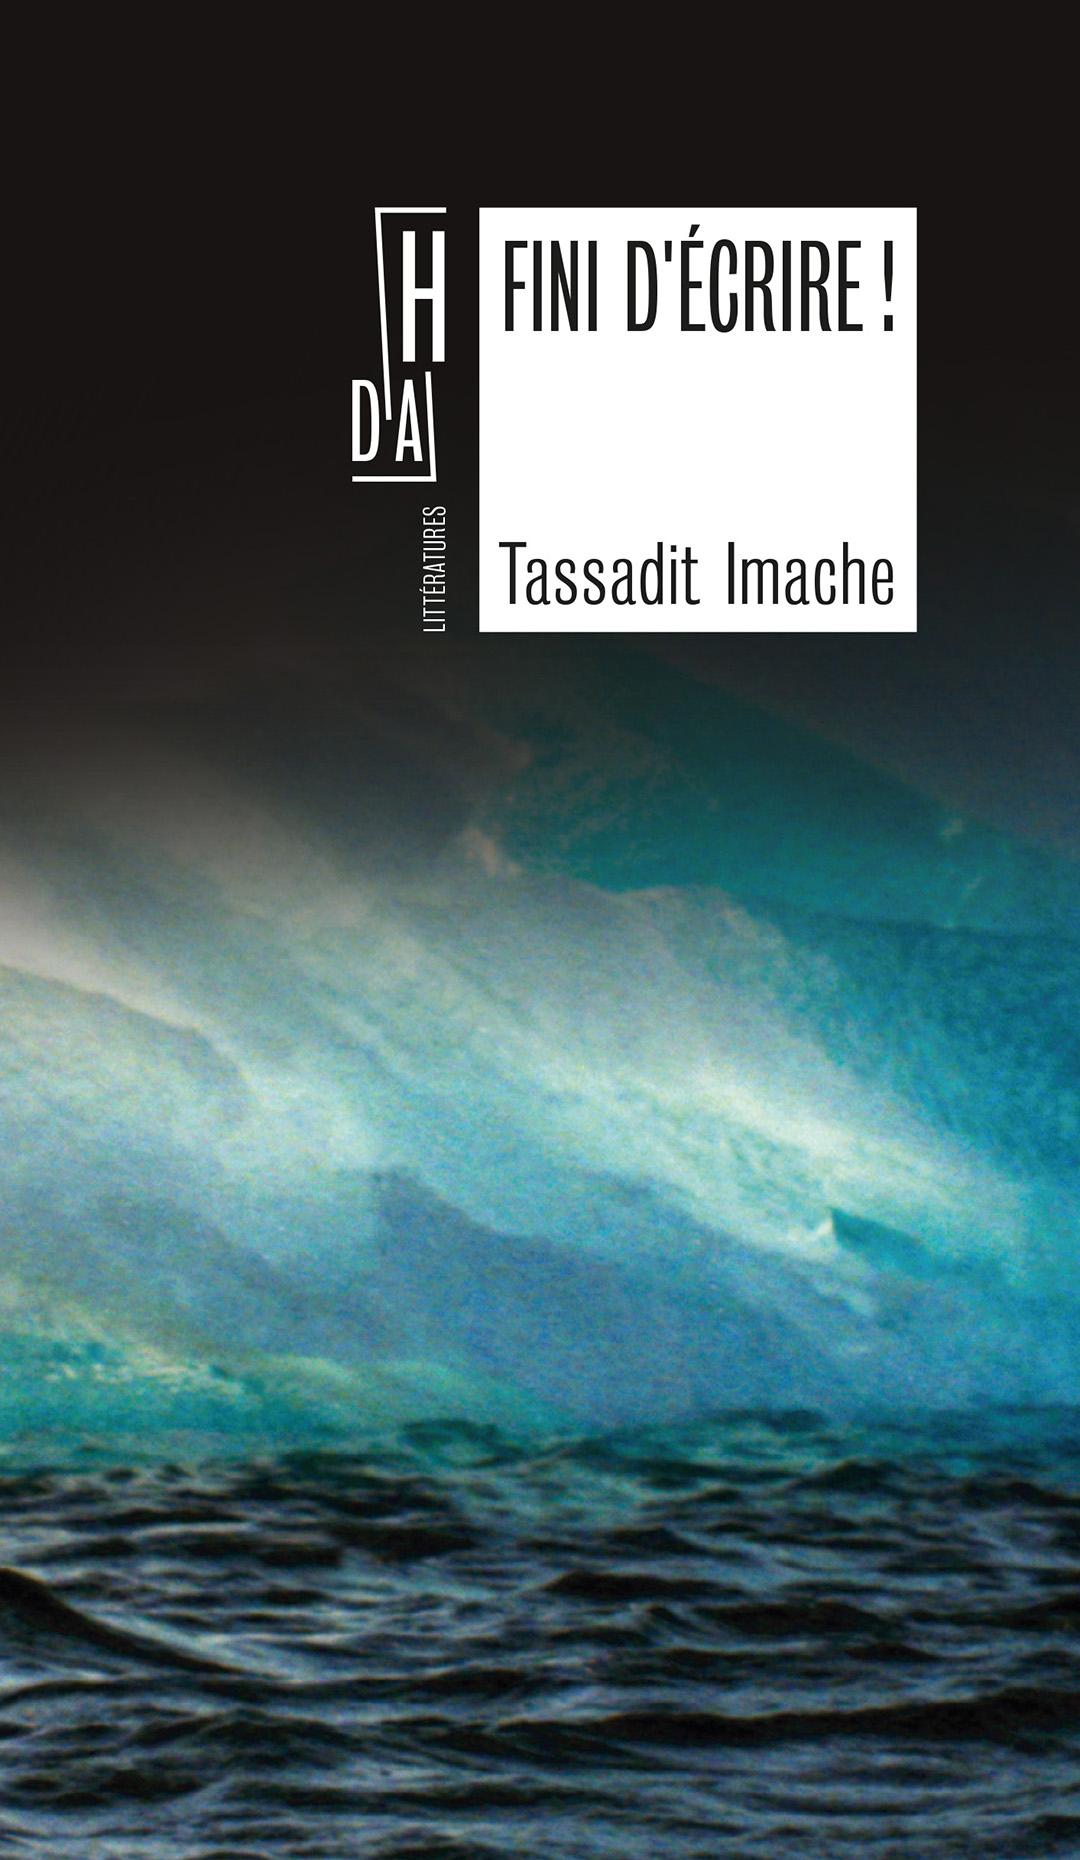 « Fini d'écrire ! », de Tassadit Imache, est paru aux éditions Hors d'atteinte (184 pages, 16 euros).